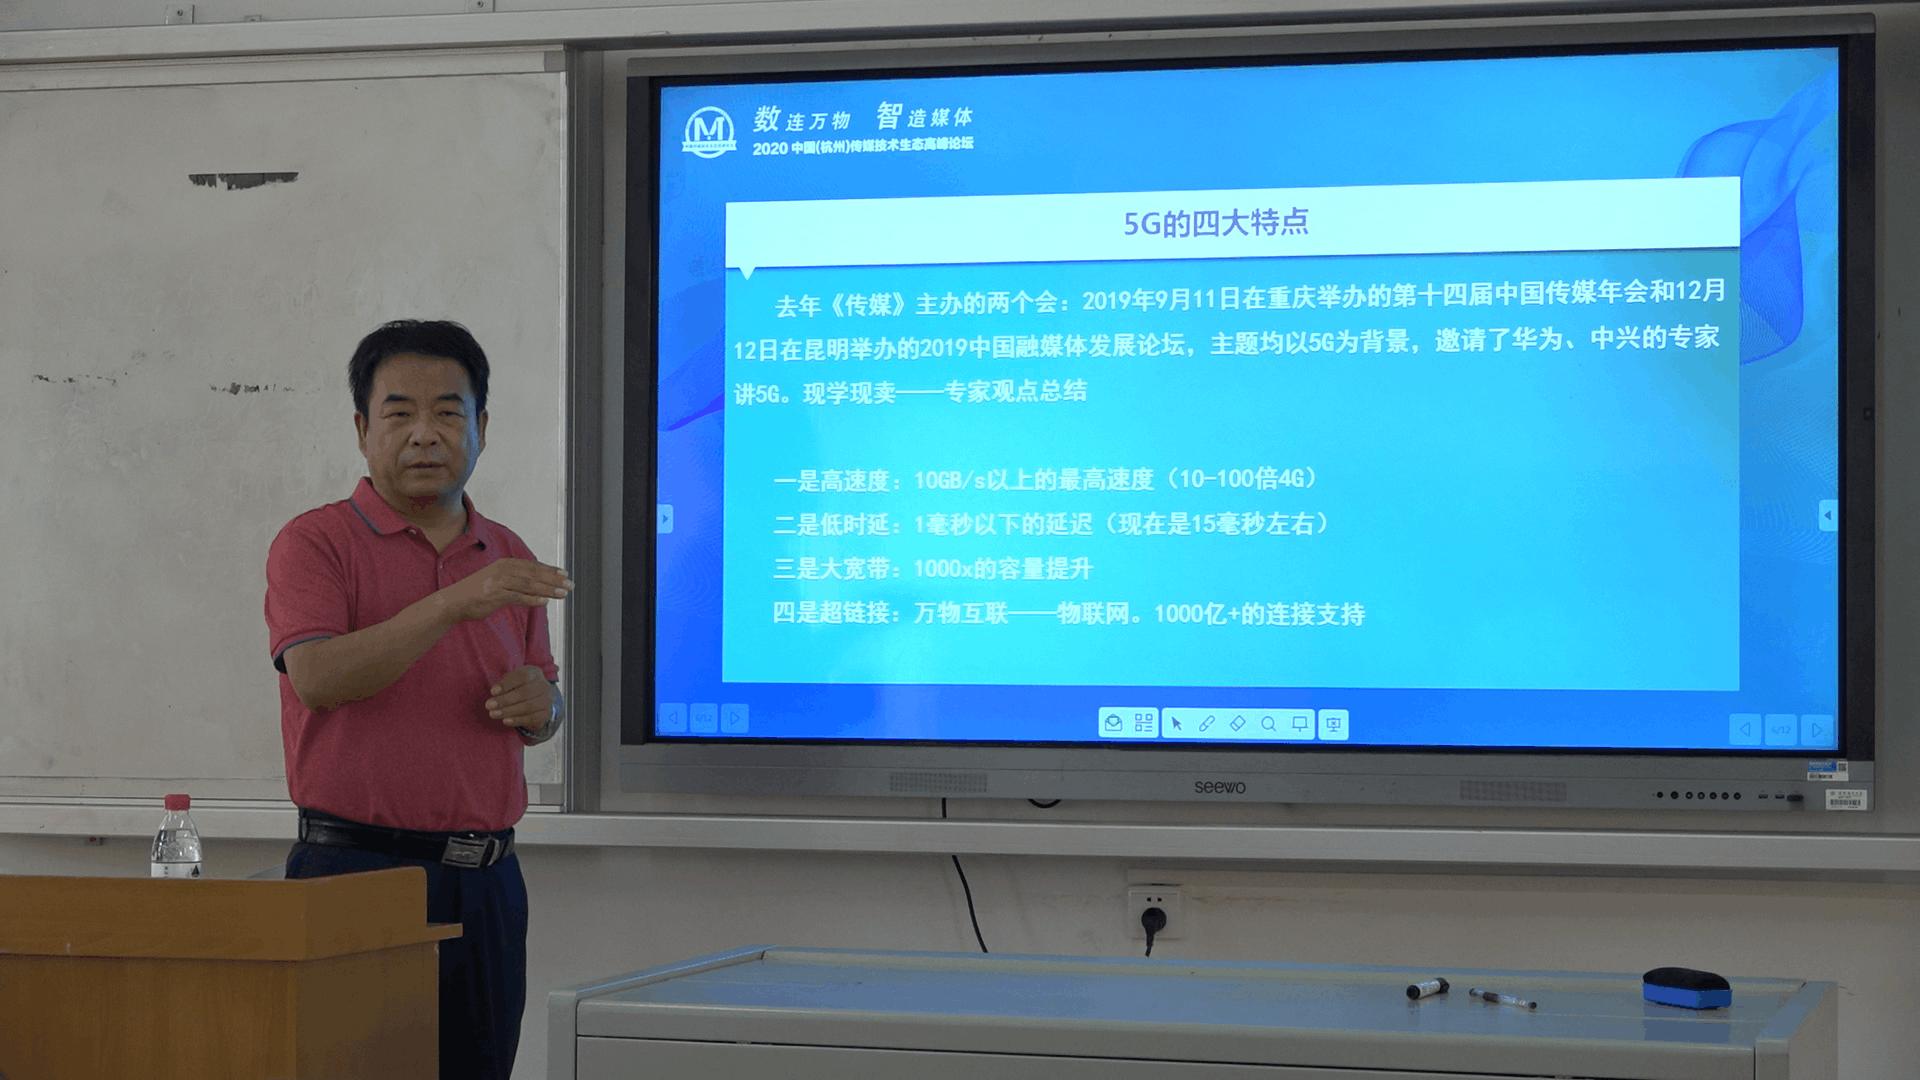 杨驰原:5G+AI趋势下的媒体融合新机遇